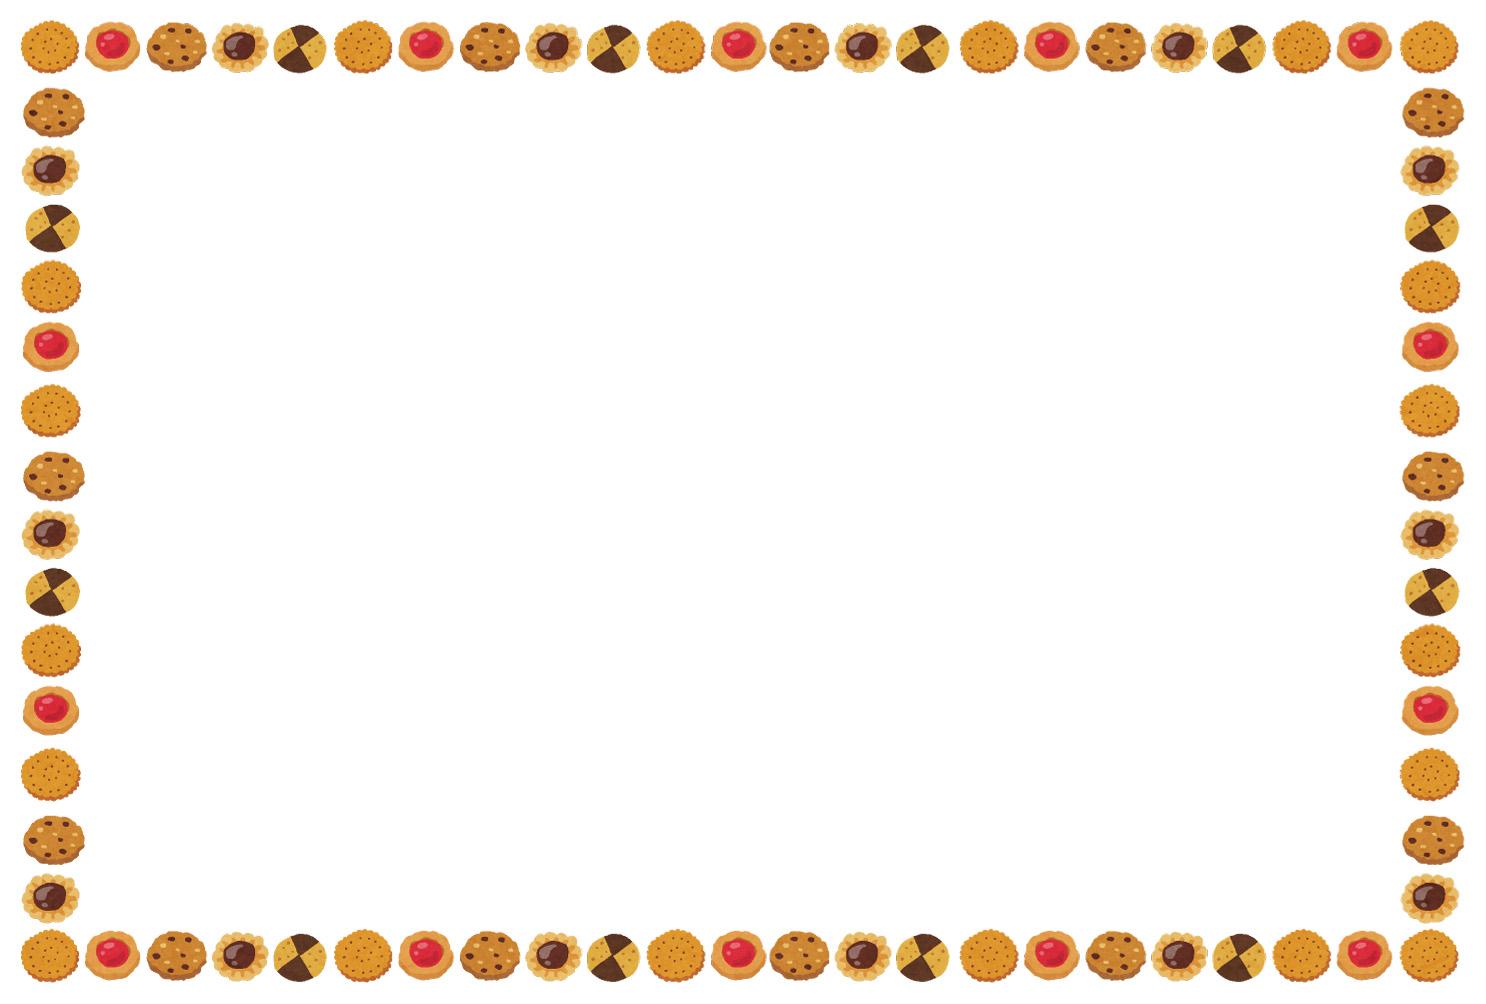 クッキーのイラストフレーム(枠) | かわいいフリー素材集 いらすとや